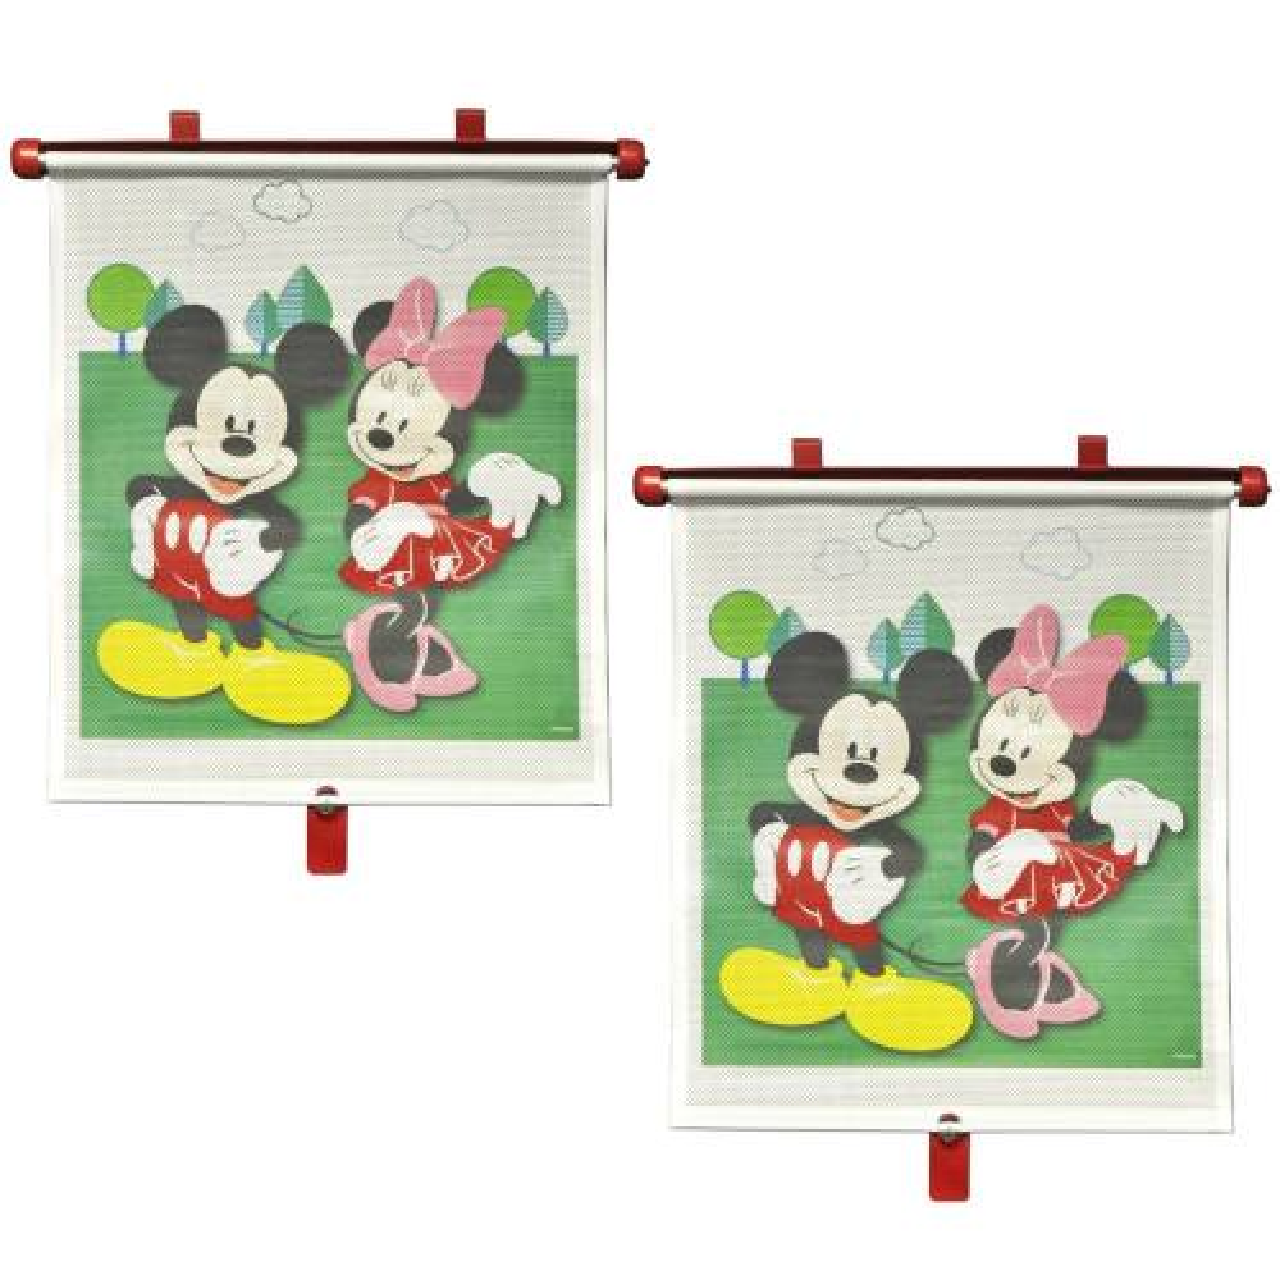 آفتابگیر خودرو فرست یرز مدل Mickey And Minnie